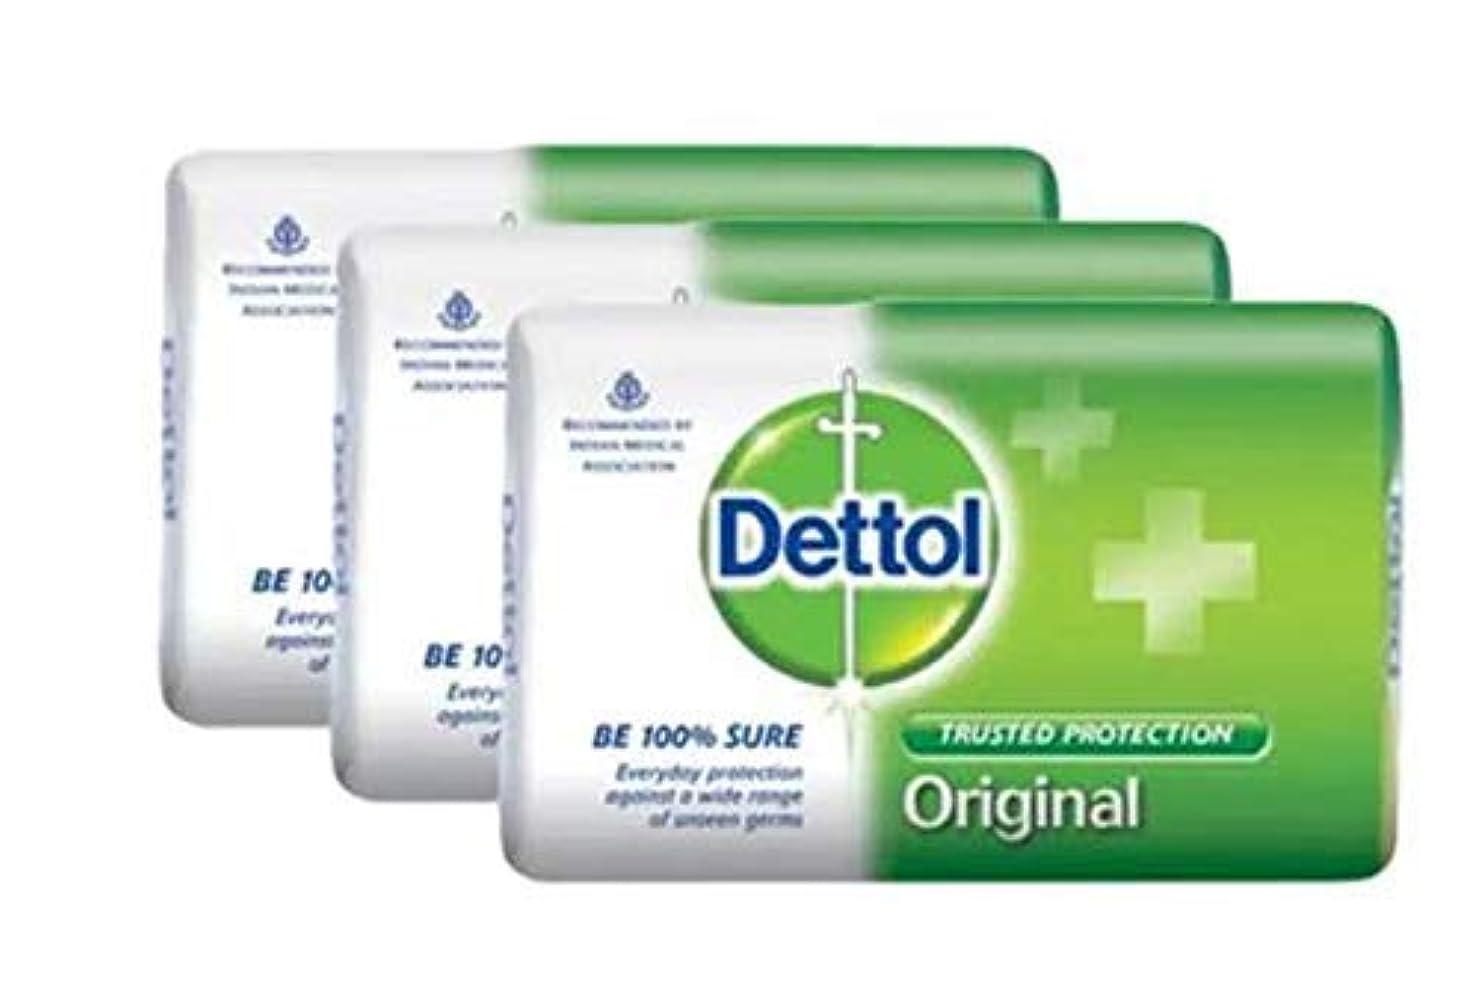 ライターキモい想像力Dettol 固形石鹸オリジナル4x105g-は、信頼Dettol保護から目に見えない細菌の広い範囲を提供しています。これは、皮膚の衛生と清潔を浄化し、保護します